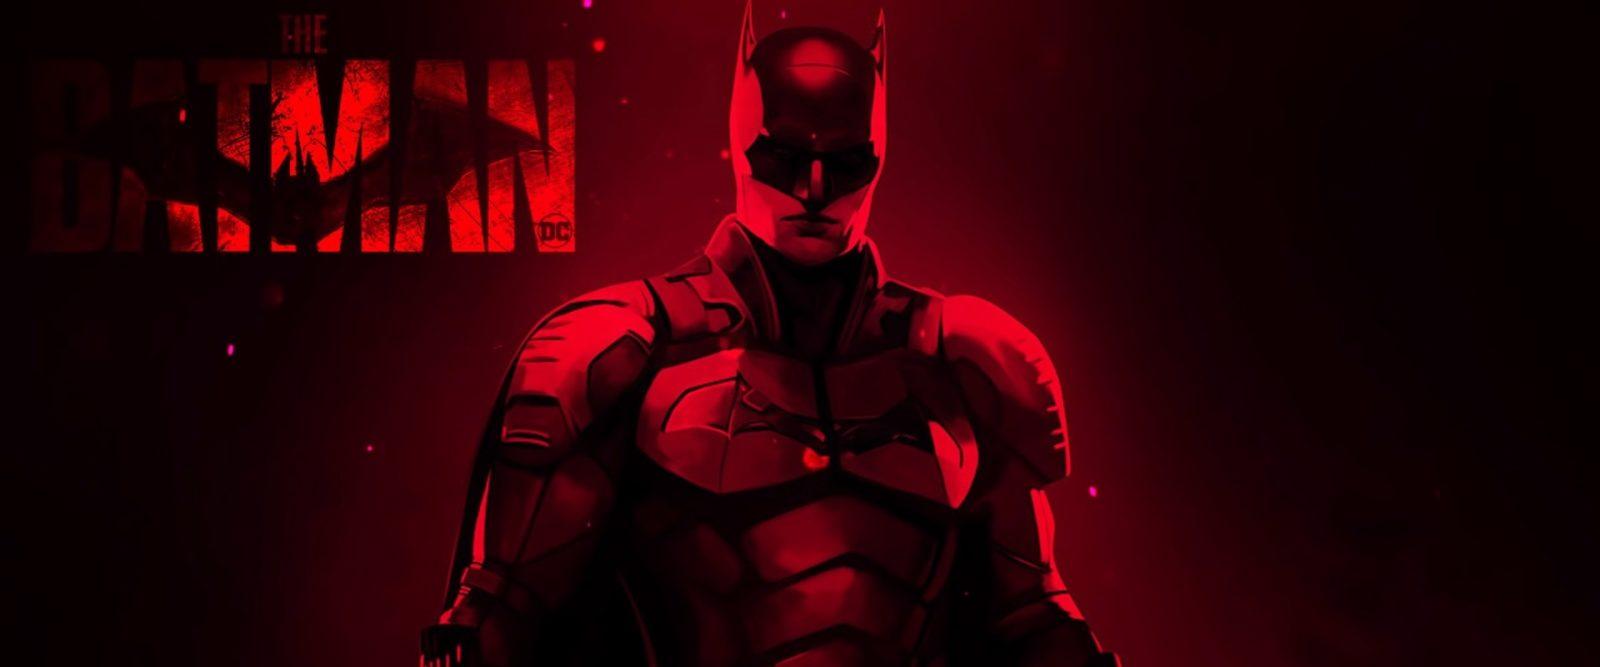 Съемки «Бэтмена» завершены